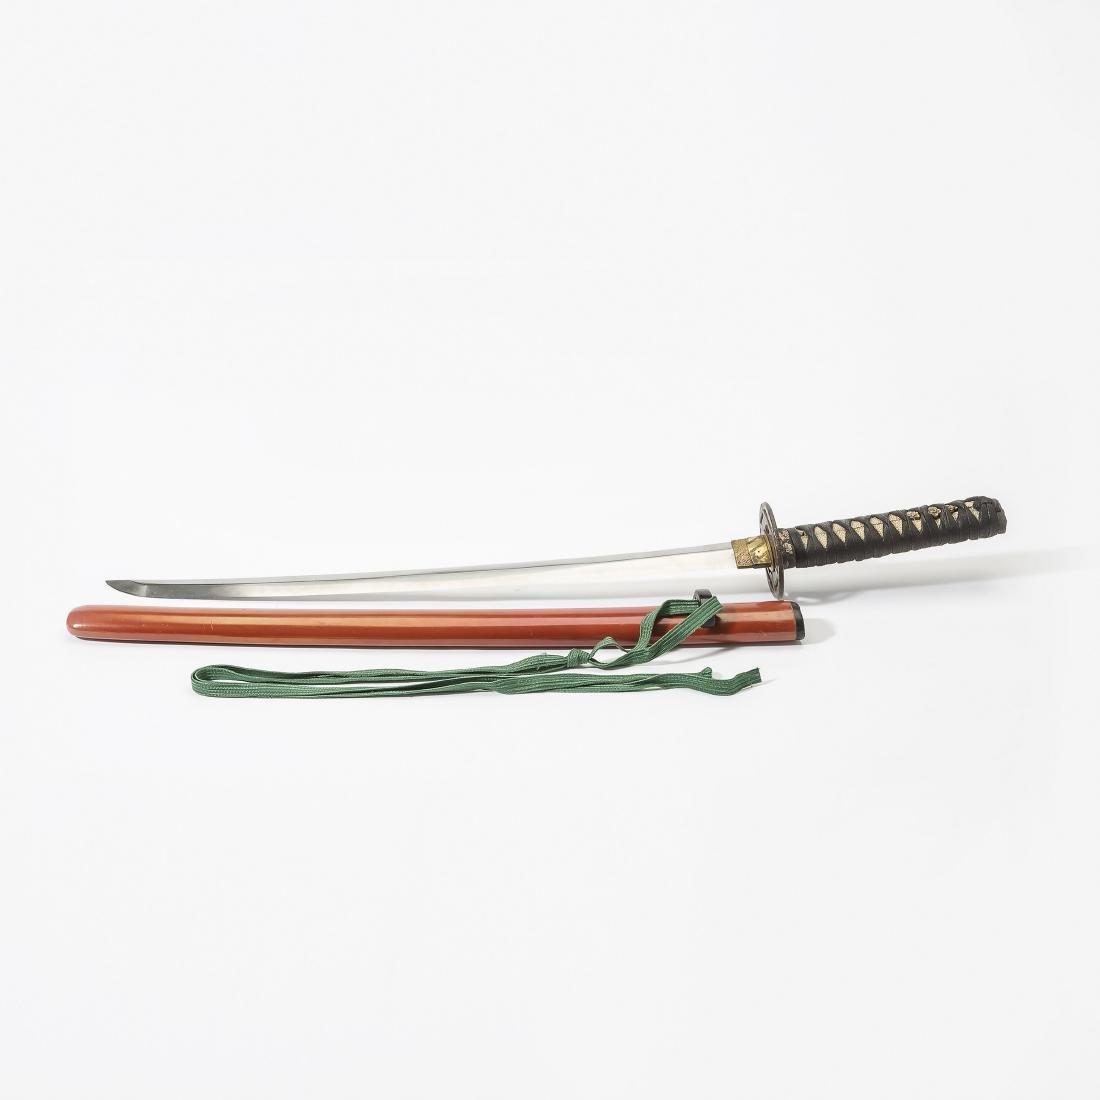 A Japanese wakizashi sword